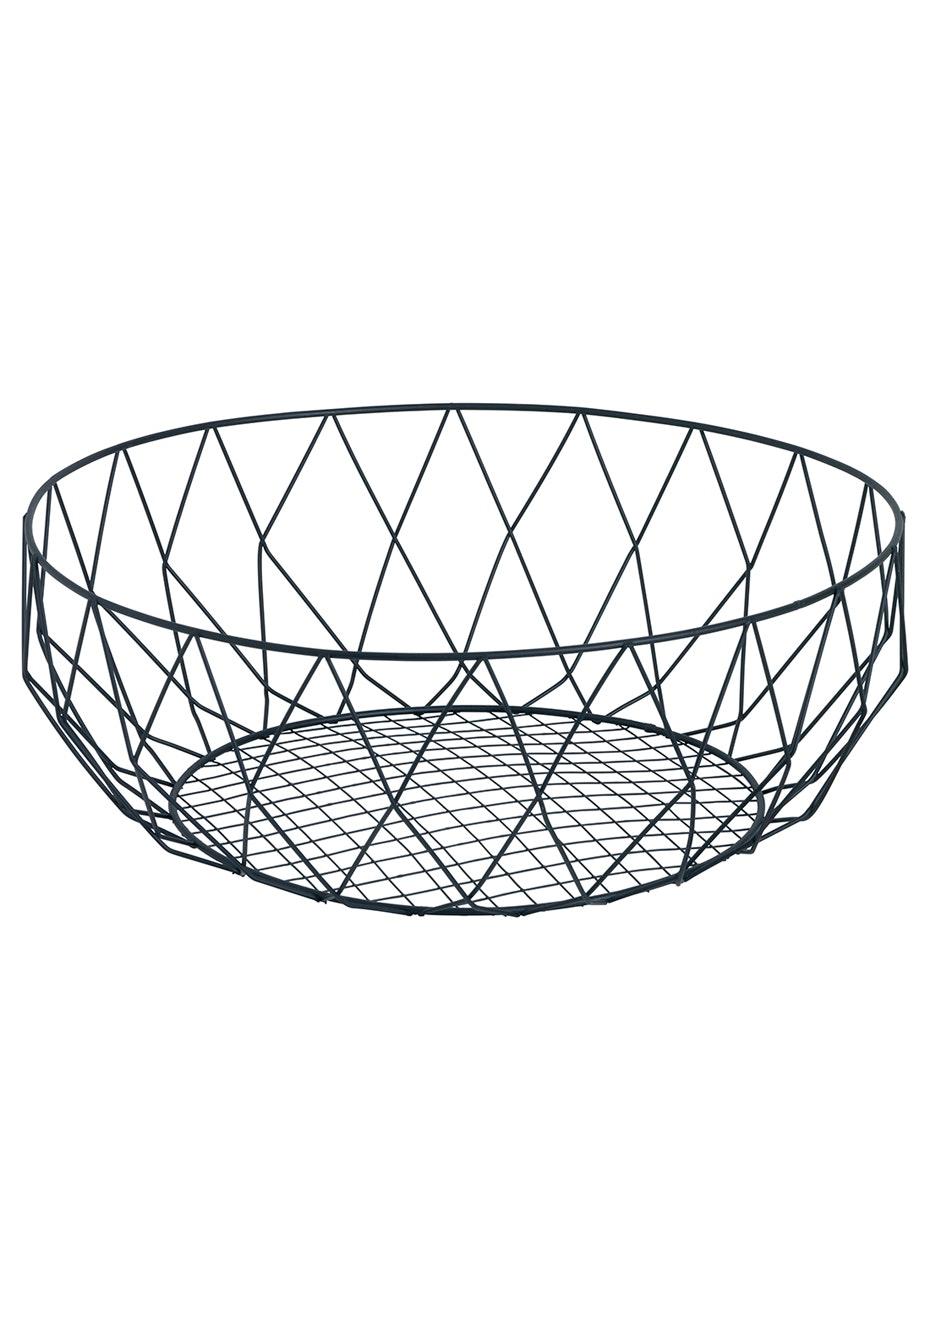 Jason - Metal Fruit Basket - Black